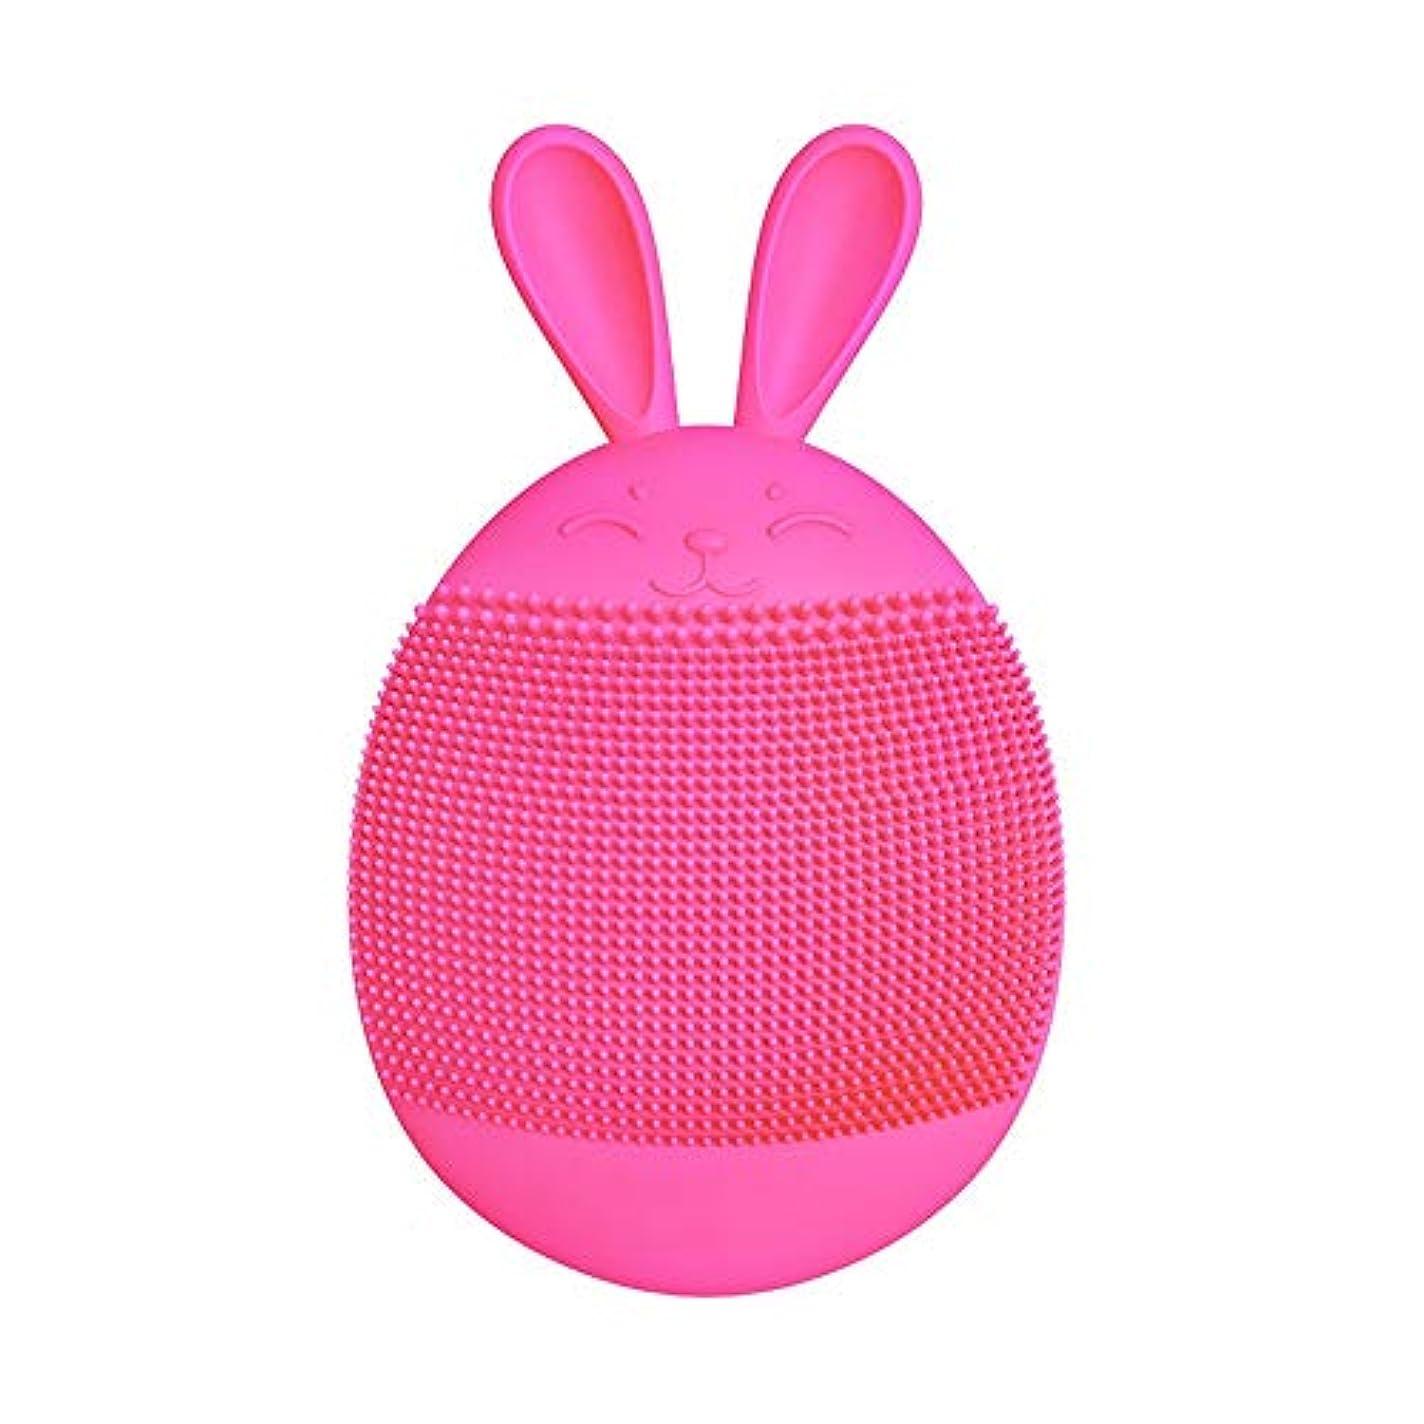 ノベルティ血統展開するZXF 超音波電動シリコーン洗顔器ポア洗顔洗顔ピンクレッド 滑らかである (色 : Red)